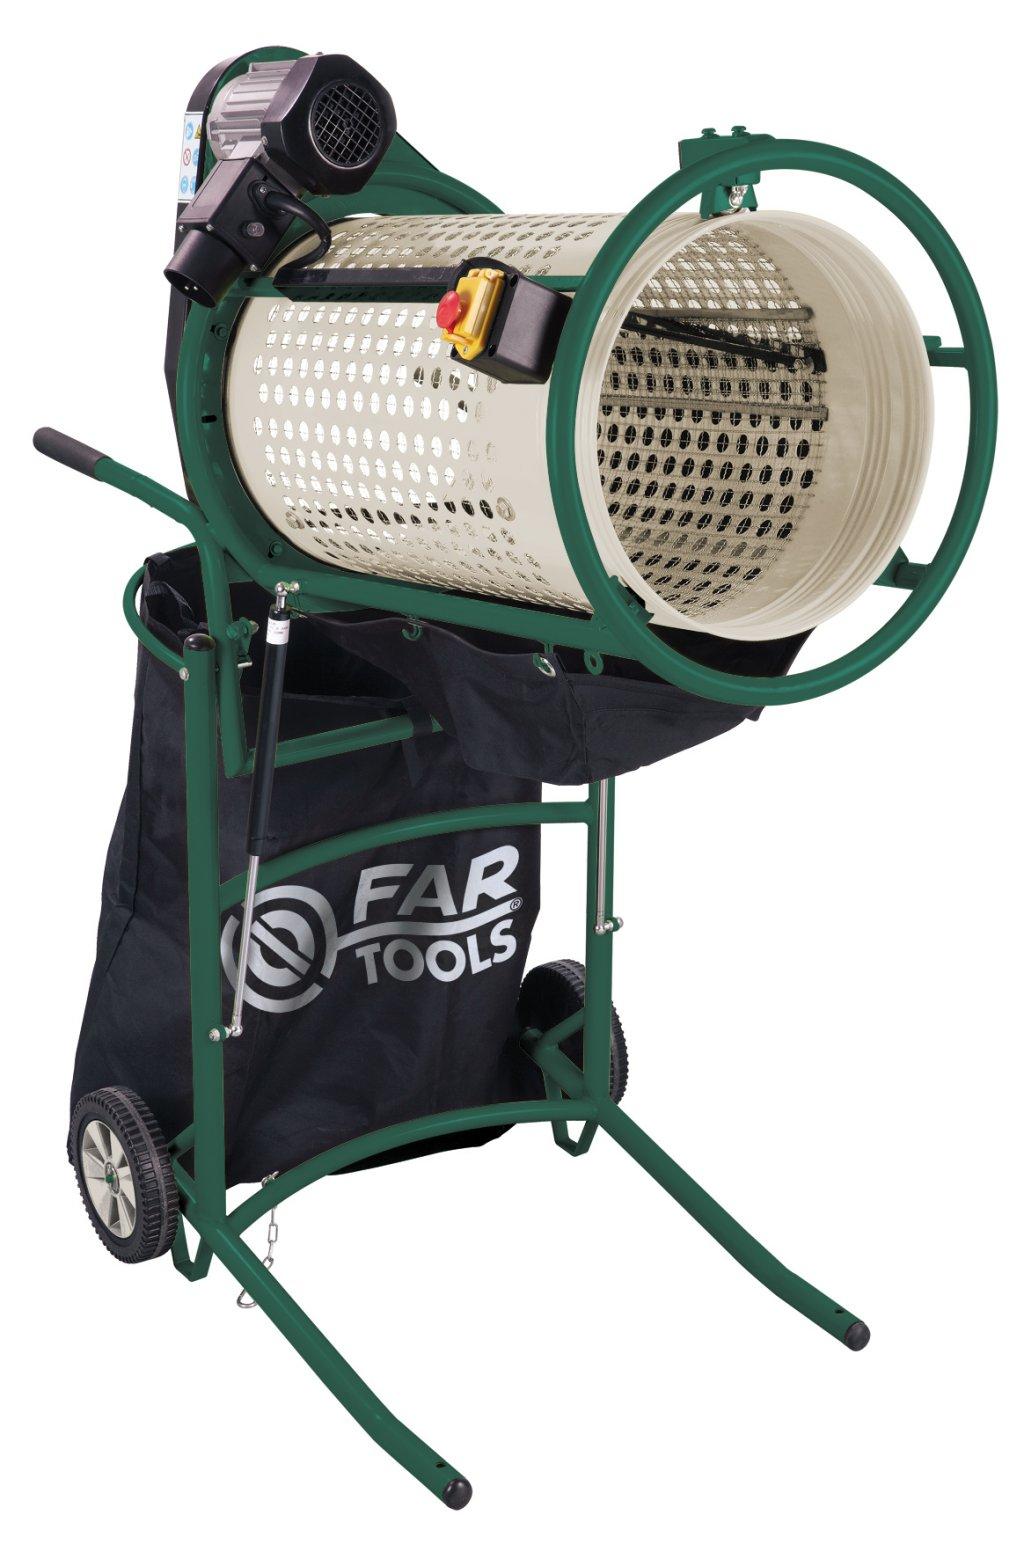 Fartools lance un tamis lectrique rs 375 pour le for Cisaille electrique pour jardin